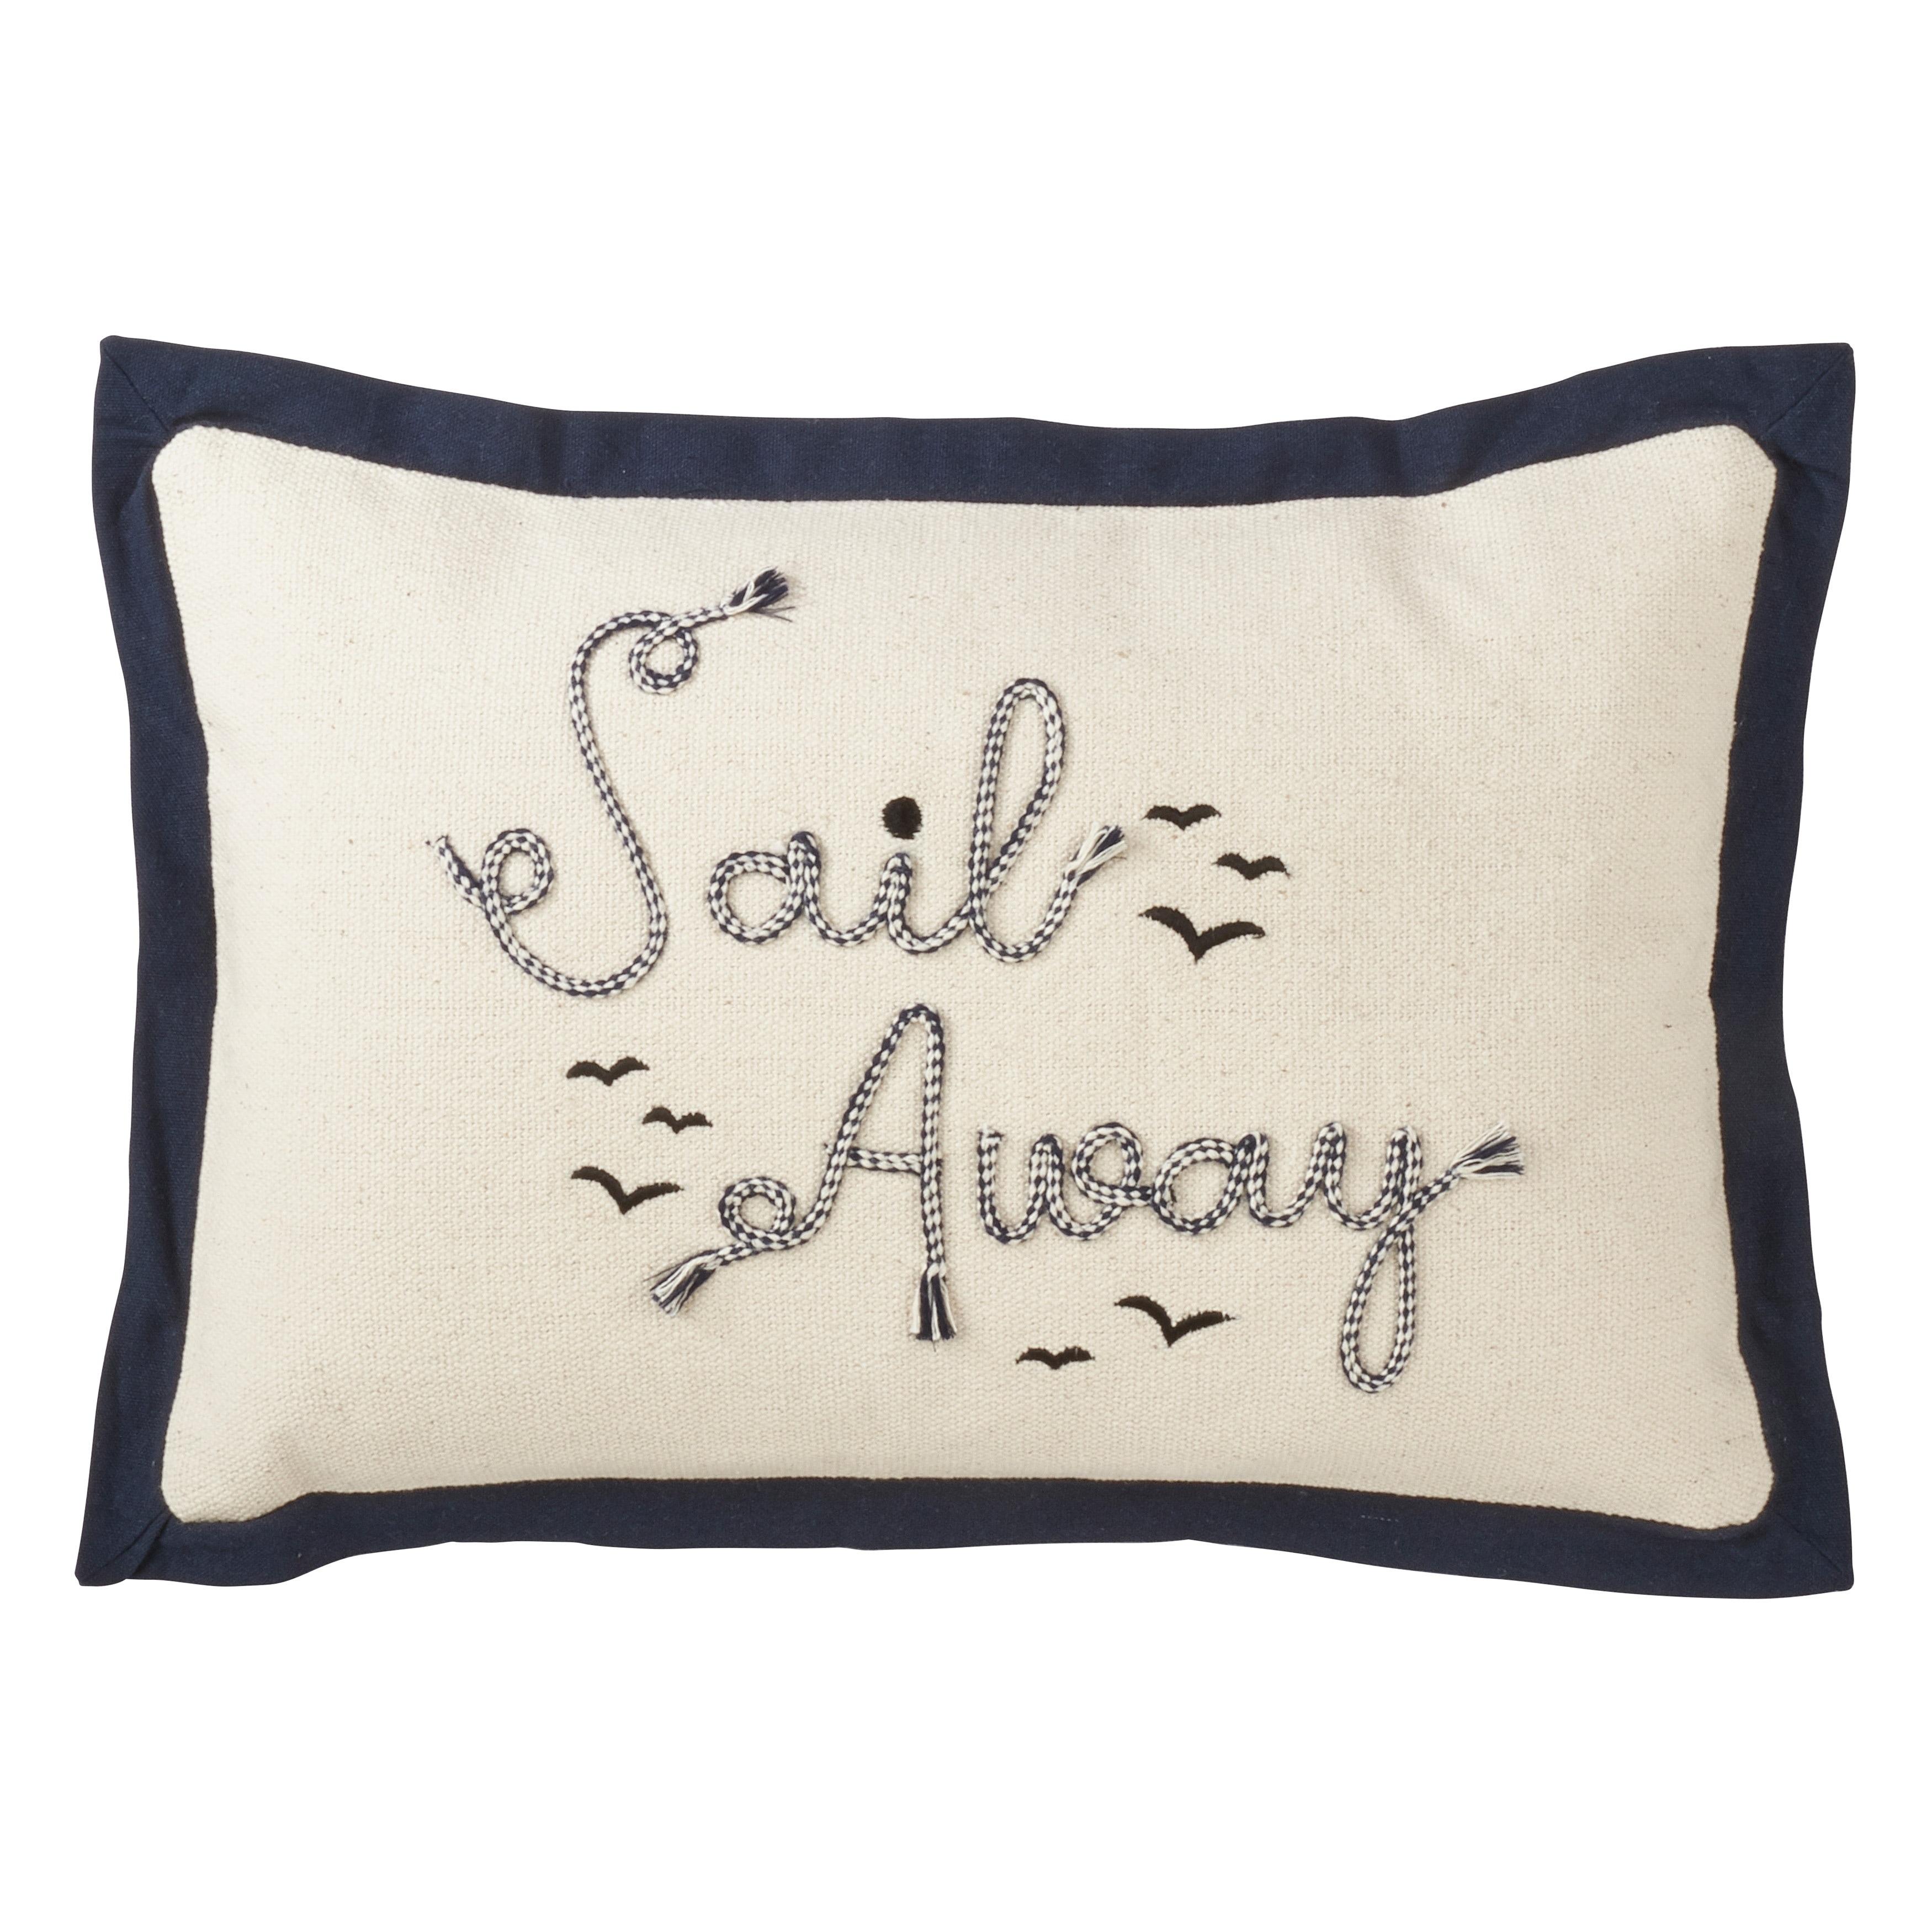 Saro Lifestyle 'Sail Away' Embroidered Down-filled Throw Pillow